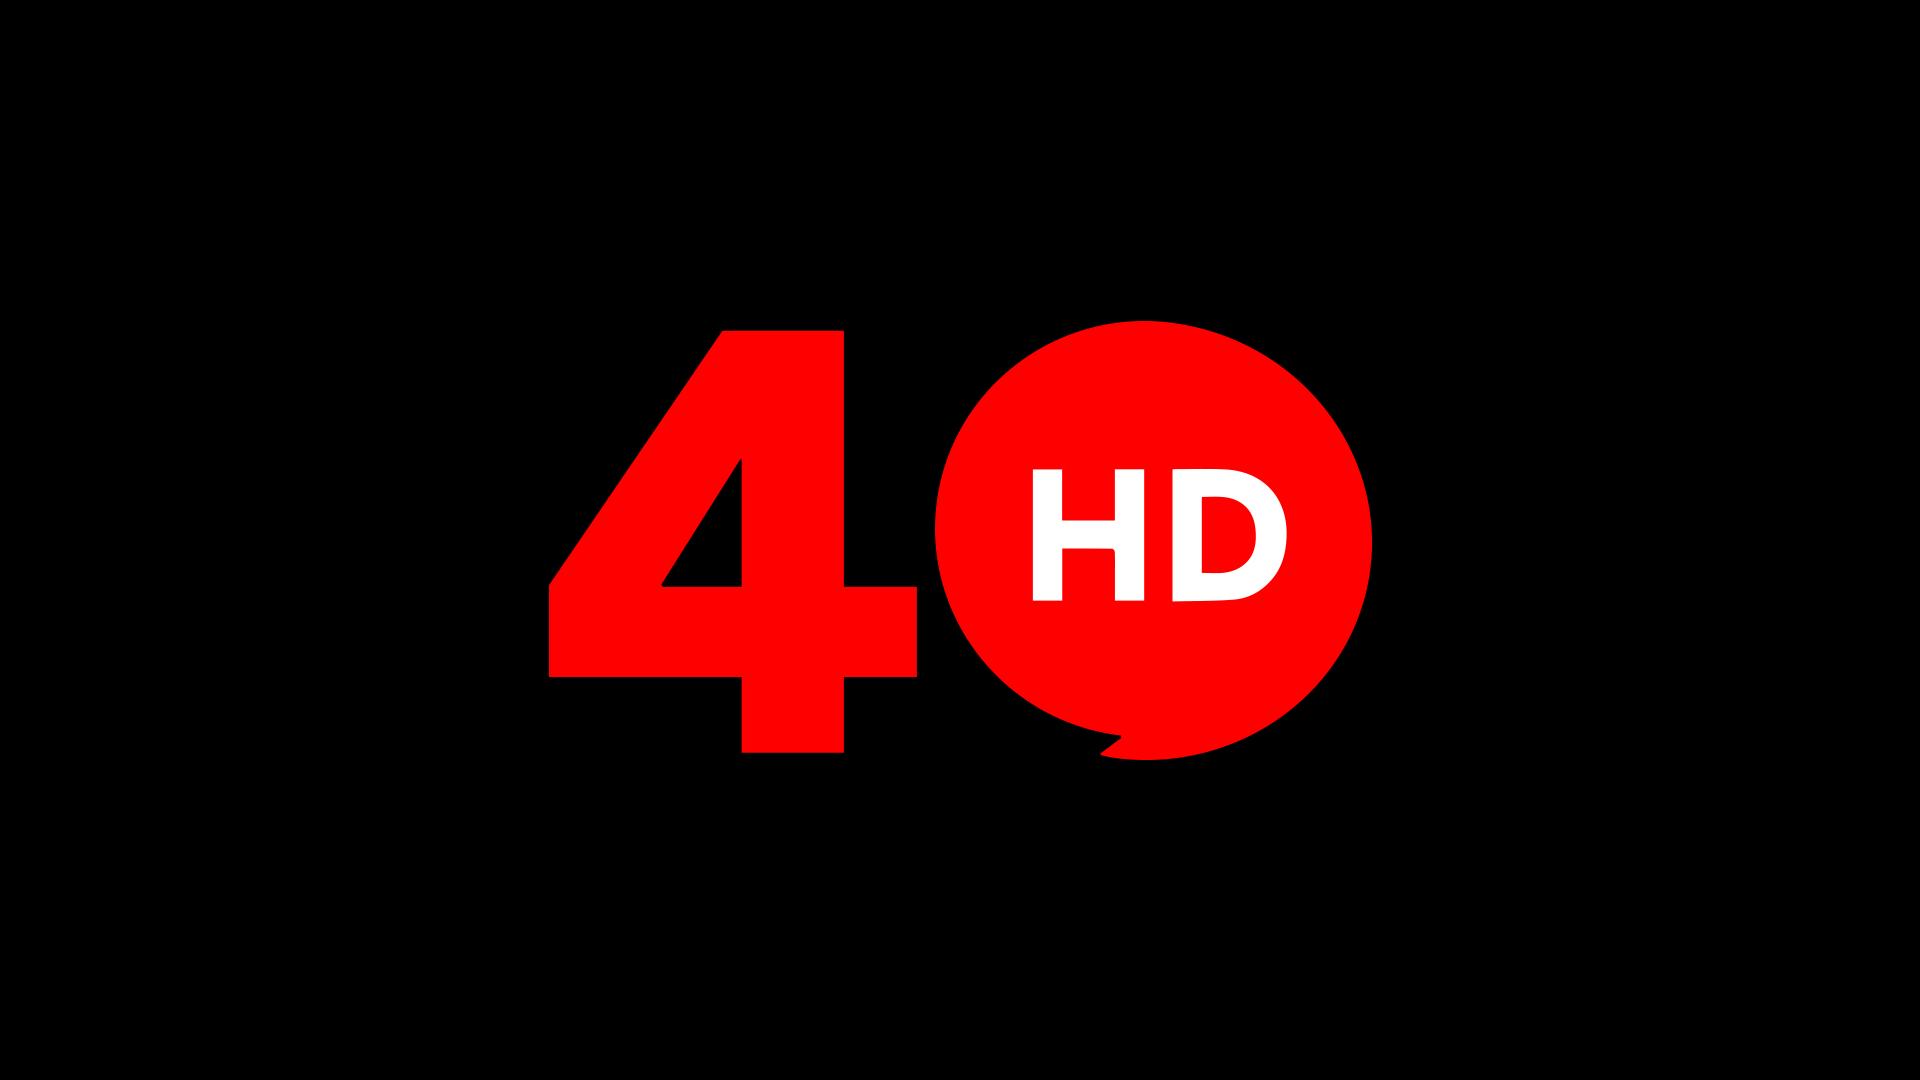 AT-Proyecto-40HD.png